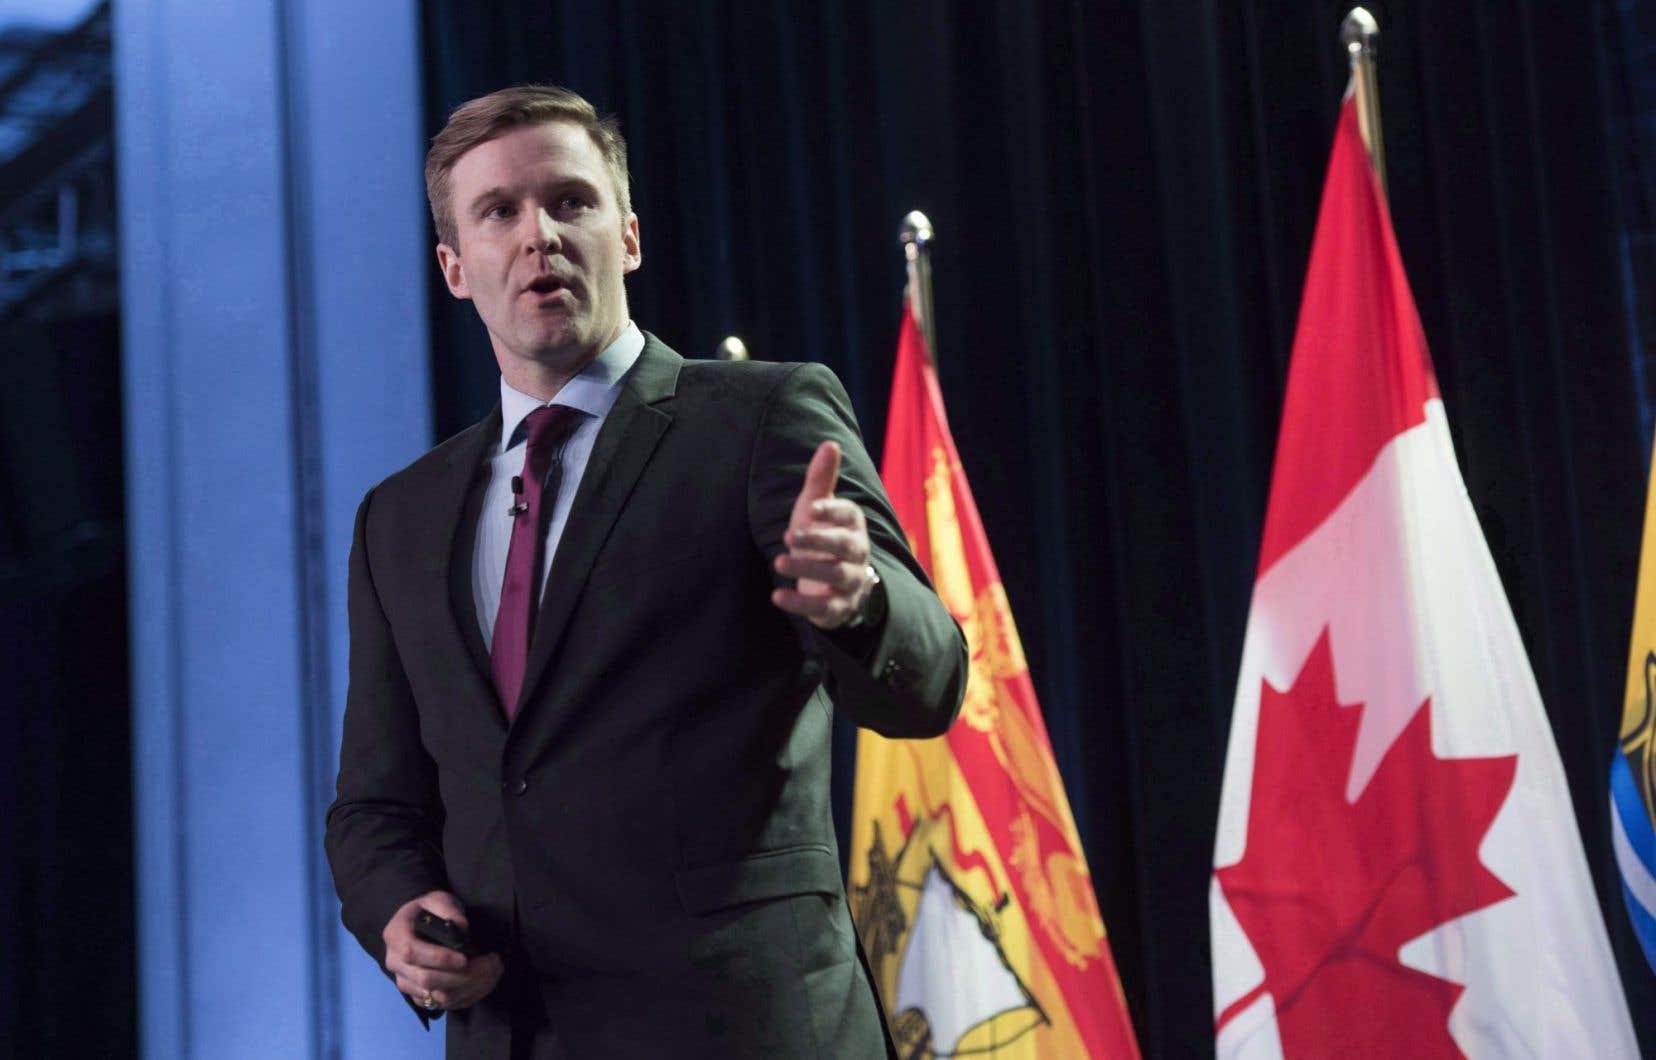 Le premier ministre du Nouveau-Brunswick, Brian Gallant, a aussi refusé de rouvrir le débat constitutionnel.